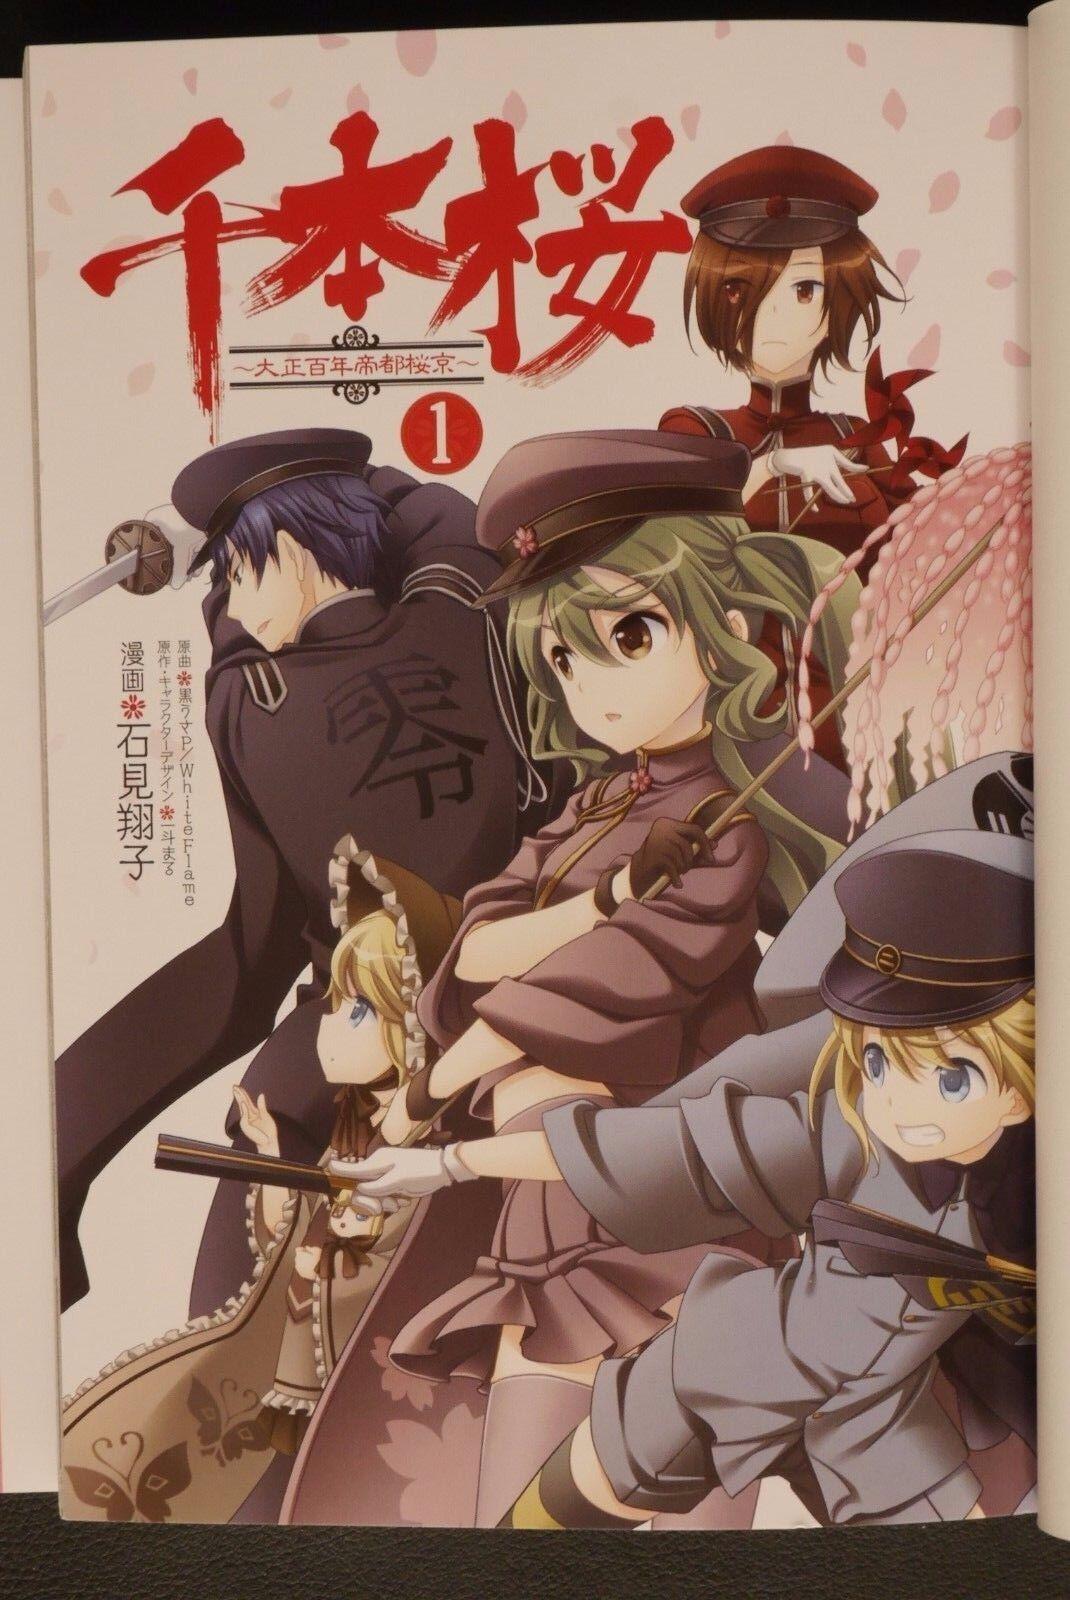 Shoko Iwami manga JAPAN Vocaloid Senbonzakura Taisho Hyakunen Teito Oukyo #1